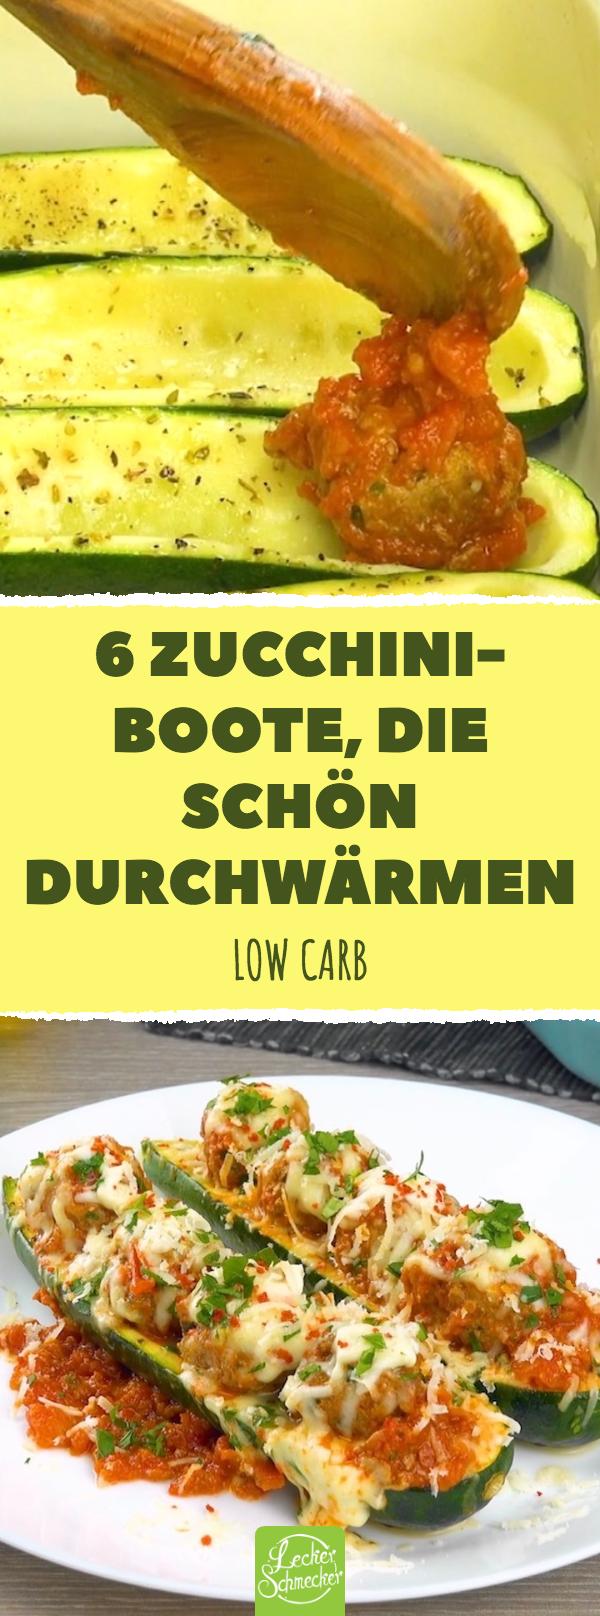 6 ZucchiniBoote die schön durchwärmen Low carb Mit Hackbällchen gefüllte Zucchini